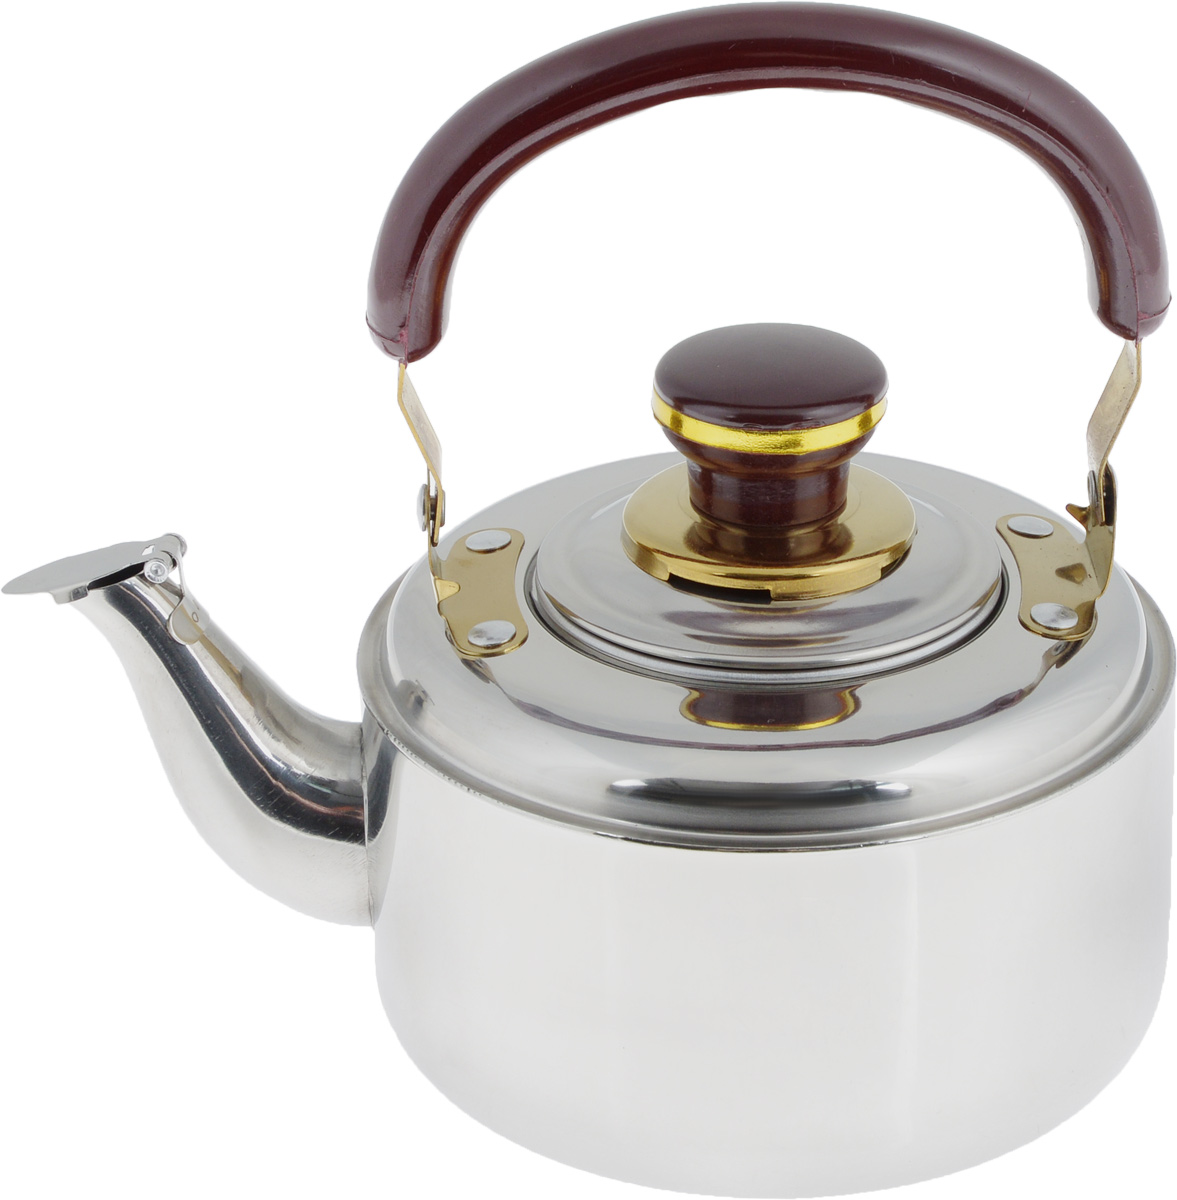 Чайник заварочный Mayer & Boch, со свистком, с фильтром, 1 л. 40054 009312Заварочный чайник Mayer & Boch выполнен из высококачественной нержавеющей стали, что обеспечивает долговечность использования. Внешнее зеркальное покрытие придает приятный внешний вид. Бакелитовая ручка делает использование чайника очень удобным и безопасным. Крышка оснащена свистком, что позволит вамконтролировать процесс подогреваили кипячения воды. Чайник оснащен фильтром, с помощью которого можно заваривать ваш любимый чай.Можно мыть в посудомоечной машине. Пригоден для газовых, электрических и стеклокерамических плит, кроме индукционных. Диаметр чайника по верхнему краю: 7 см. Высота чайника (без учета крышки и ручки): 8,5 см. Высота чайника (с учетом крышки и ручки): 18 см. Размер фильтра: 7,5 х 7,5 х 5,5 см.